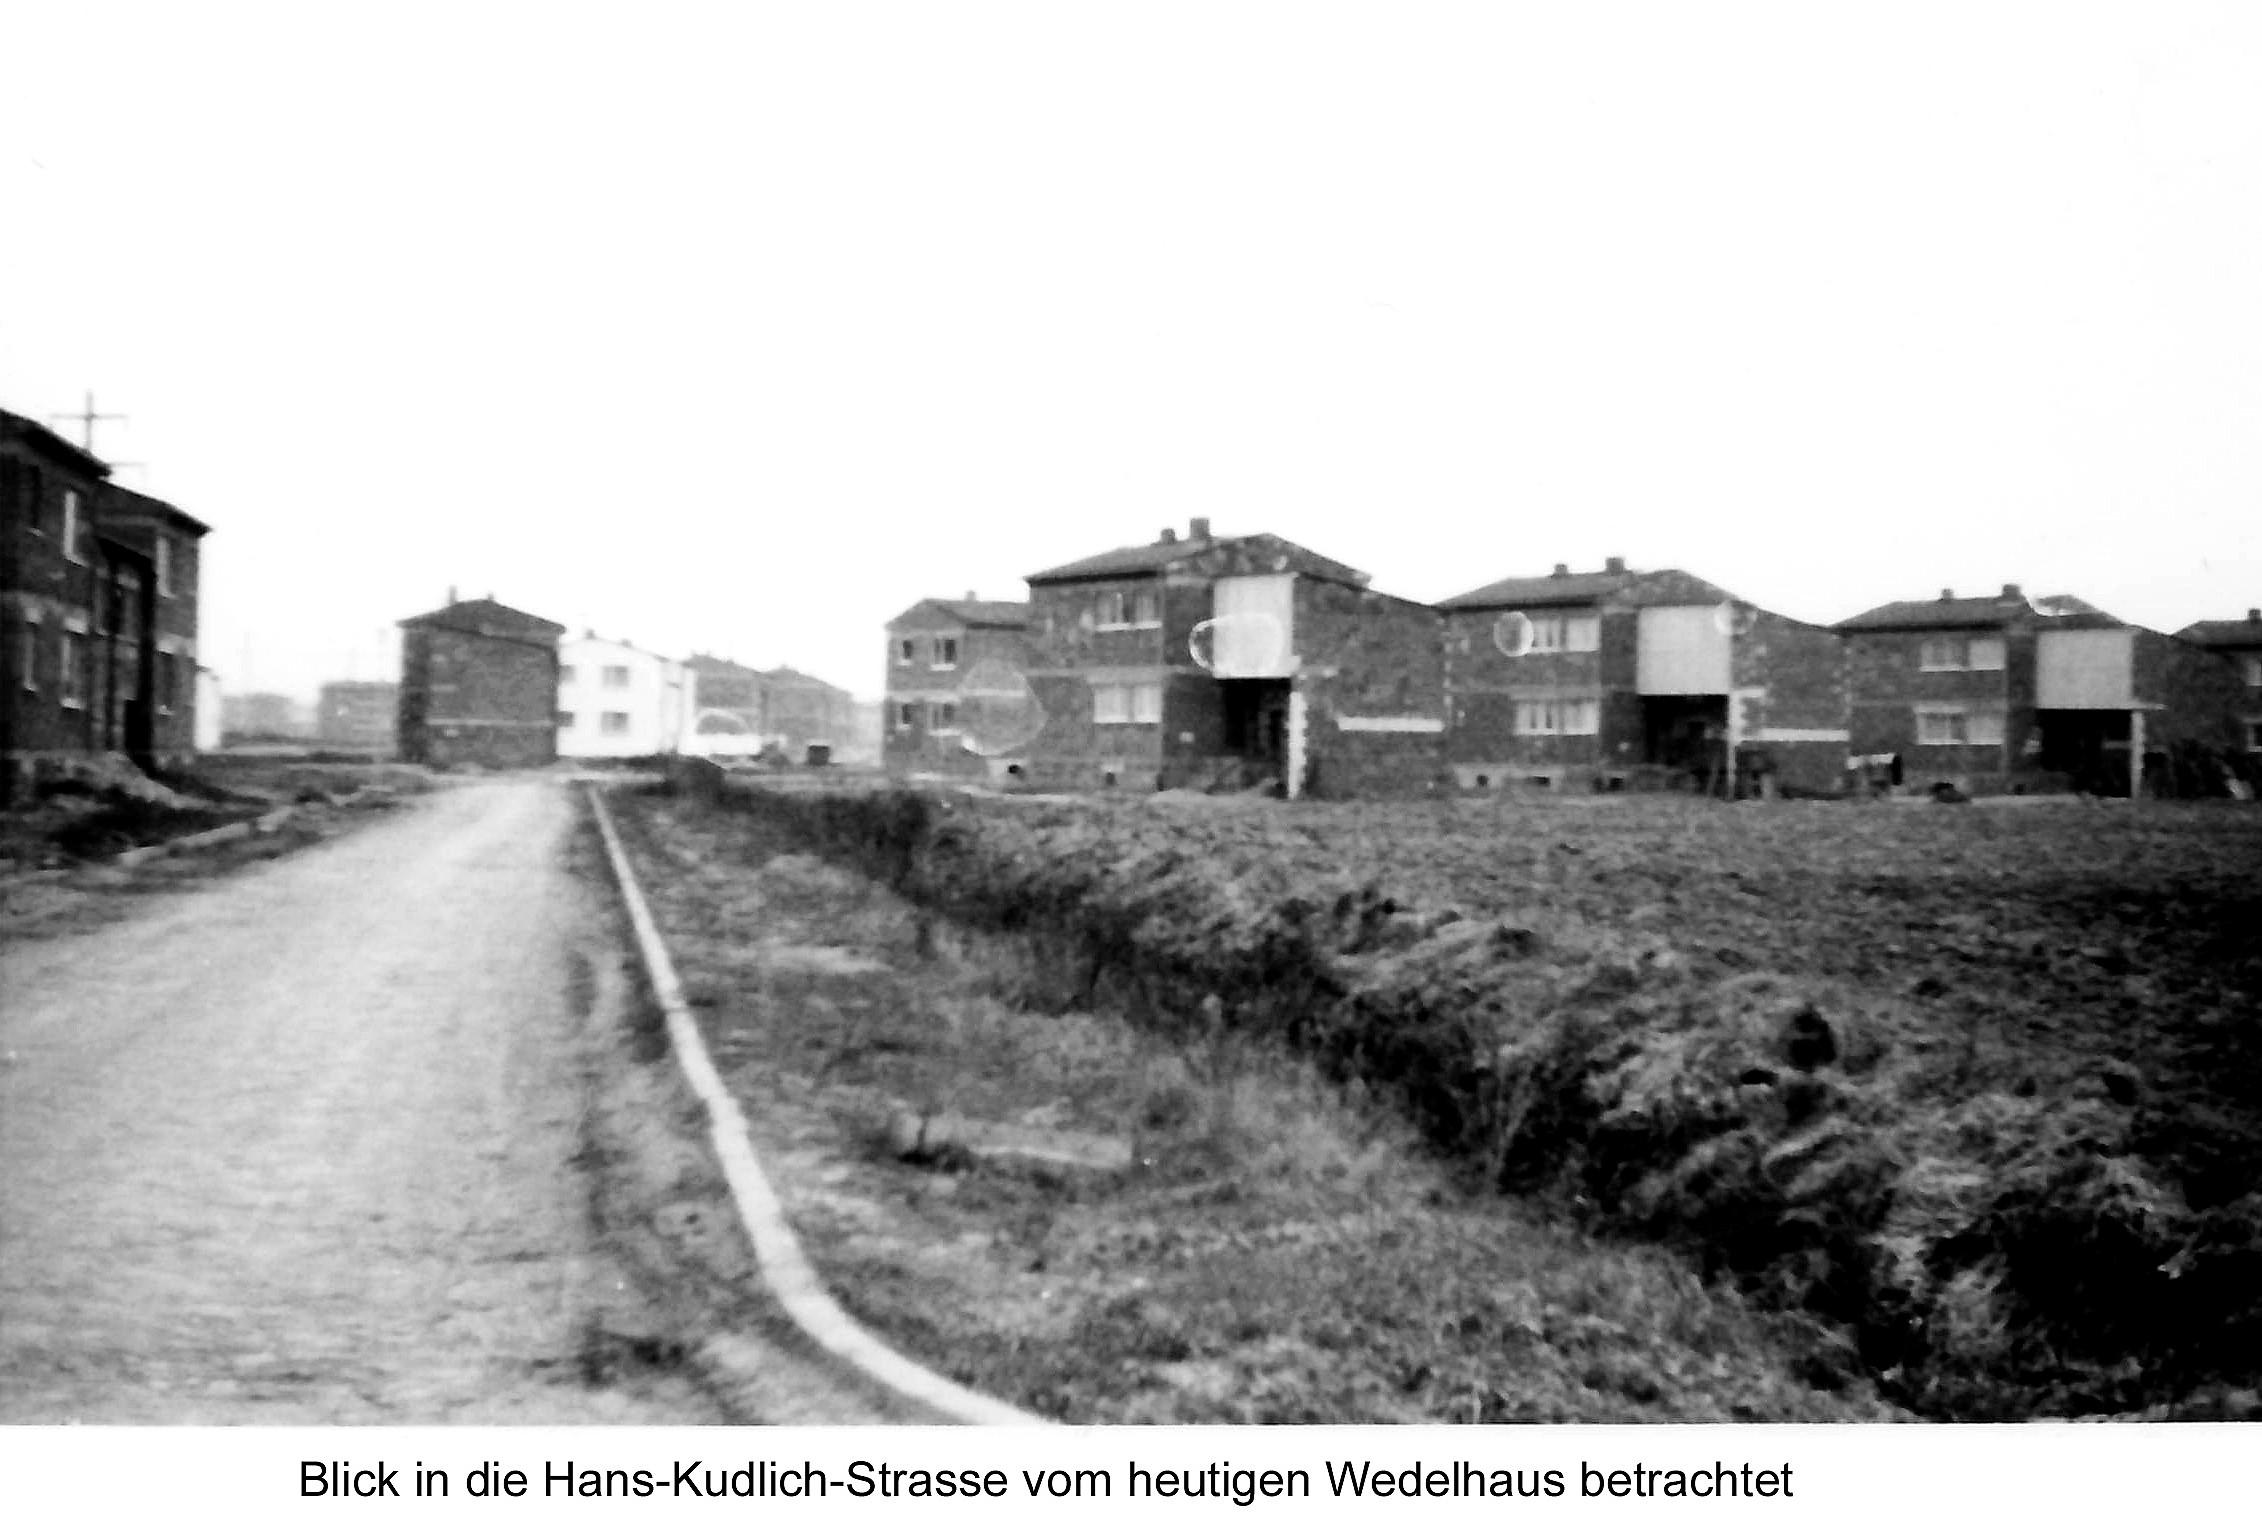 Hans Kudlich Strasse